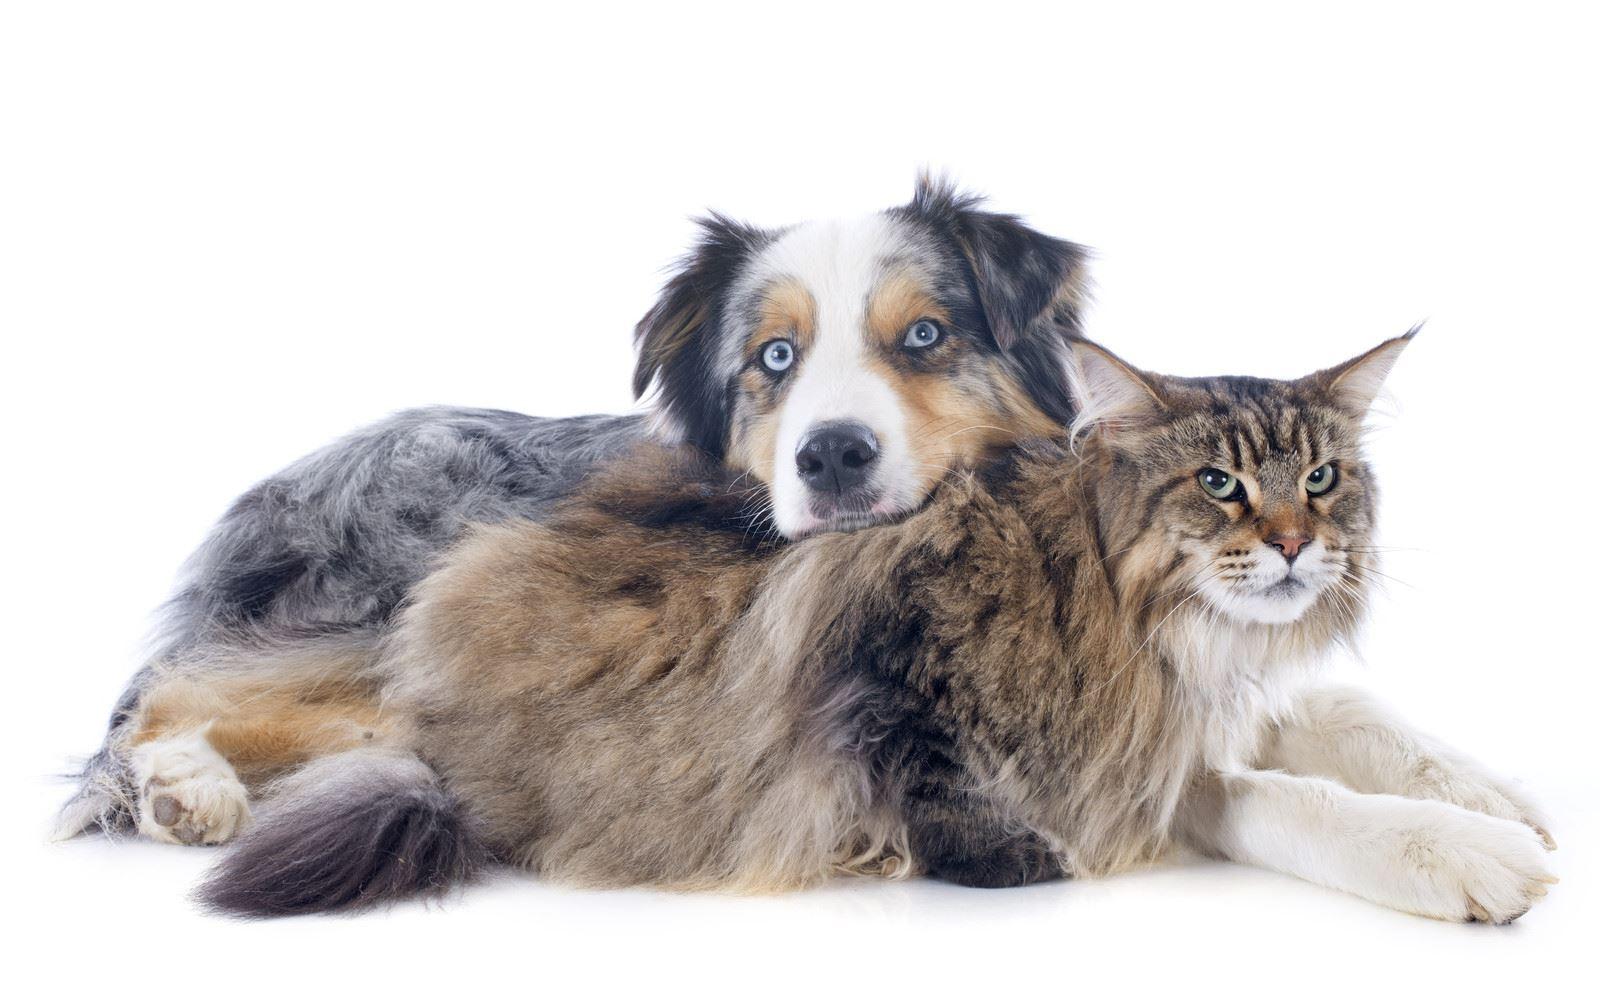 Cat Dog Body Language